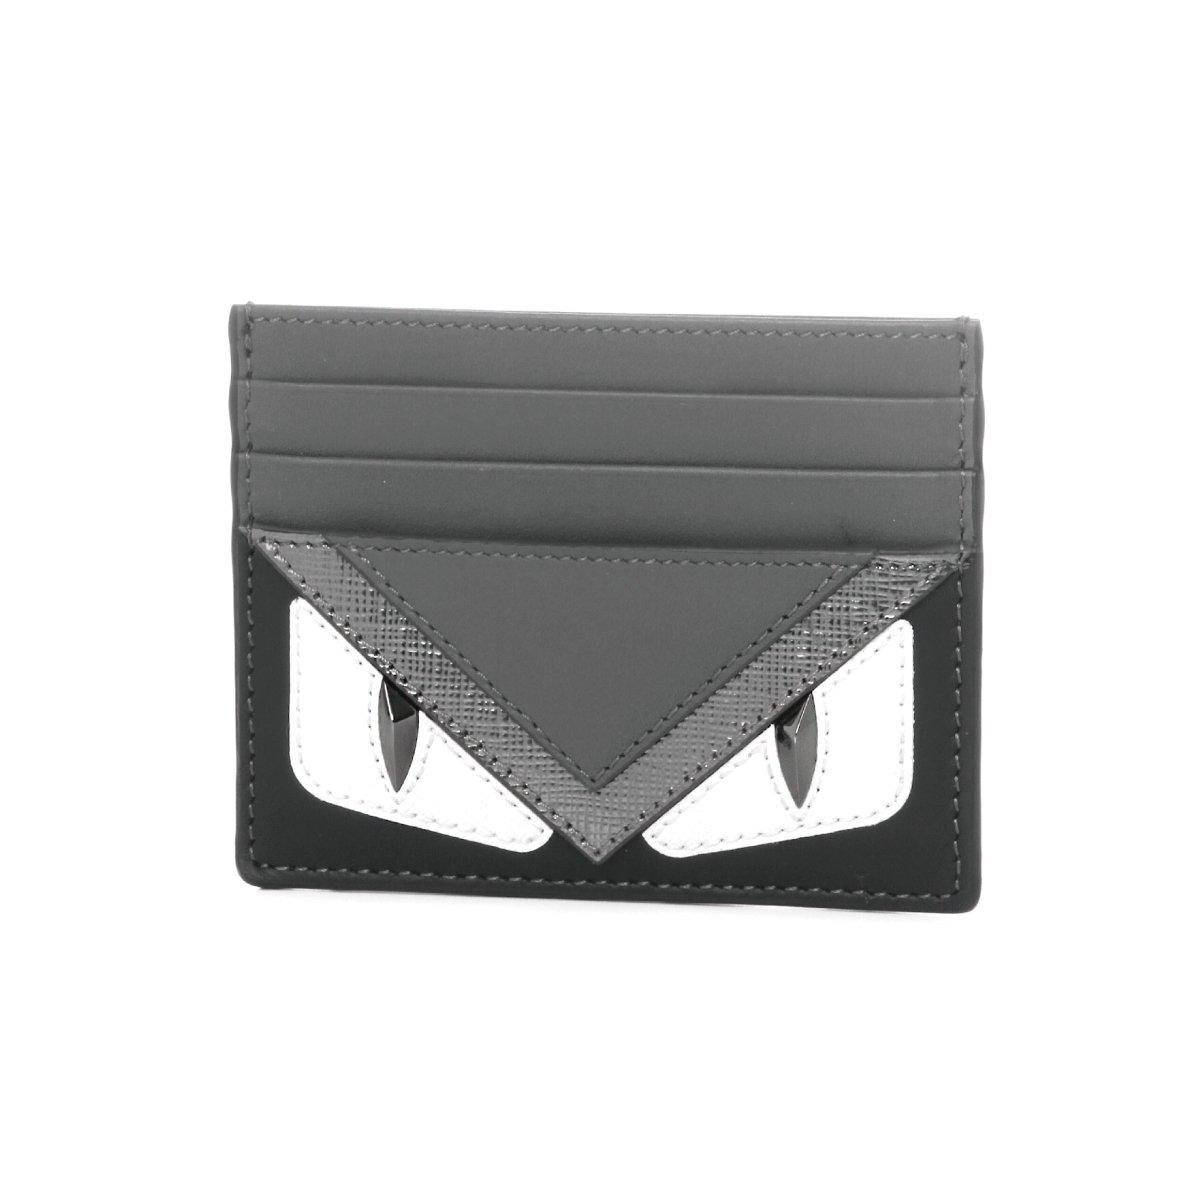 フェンディ(FENDI) カードケース 7M0164 8FJ F06HP バッグ バグズ アイ グレー系 [並行輸入品] B01NAG5IKQ